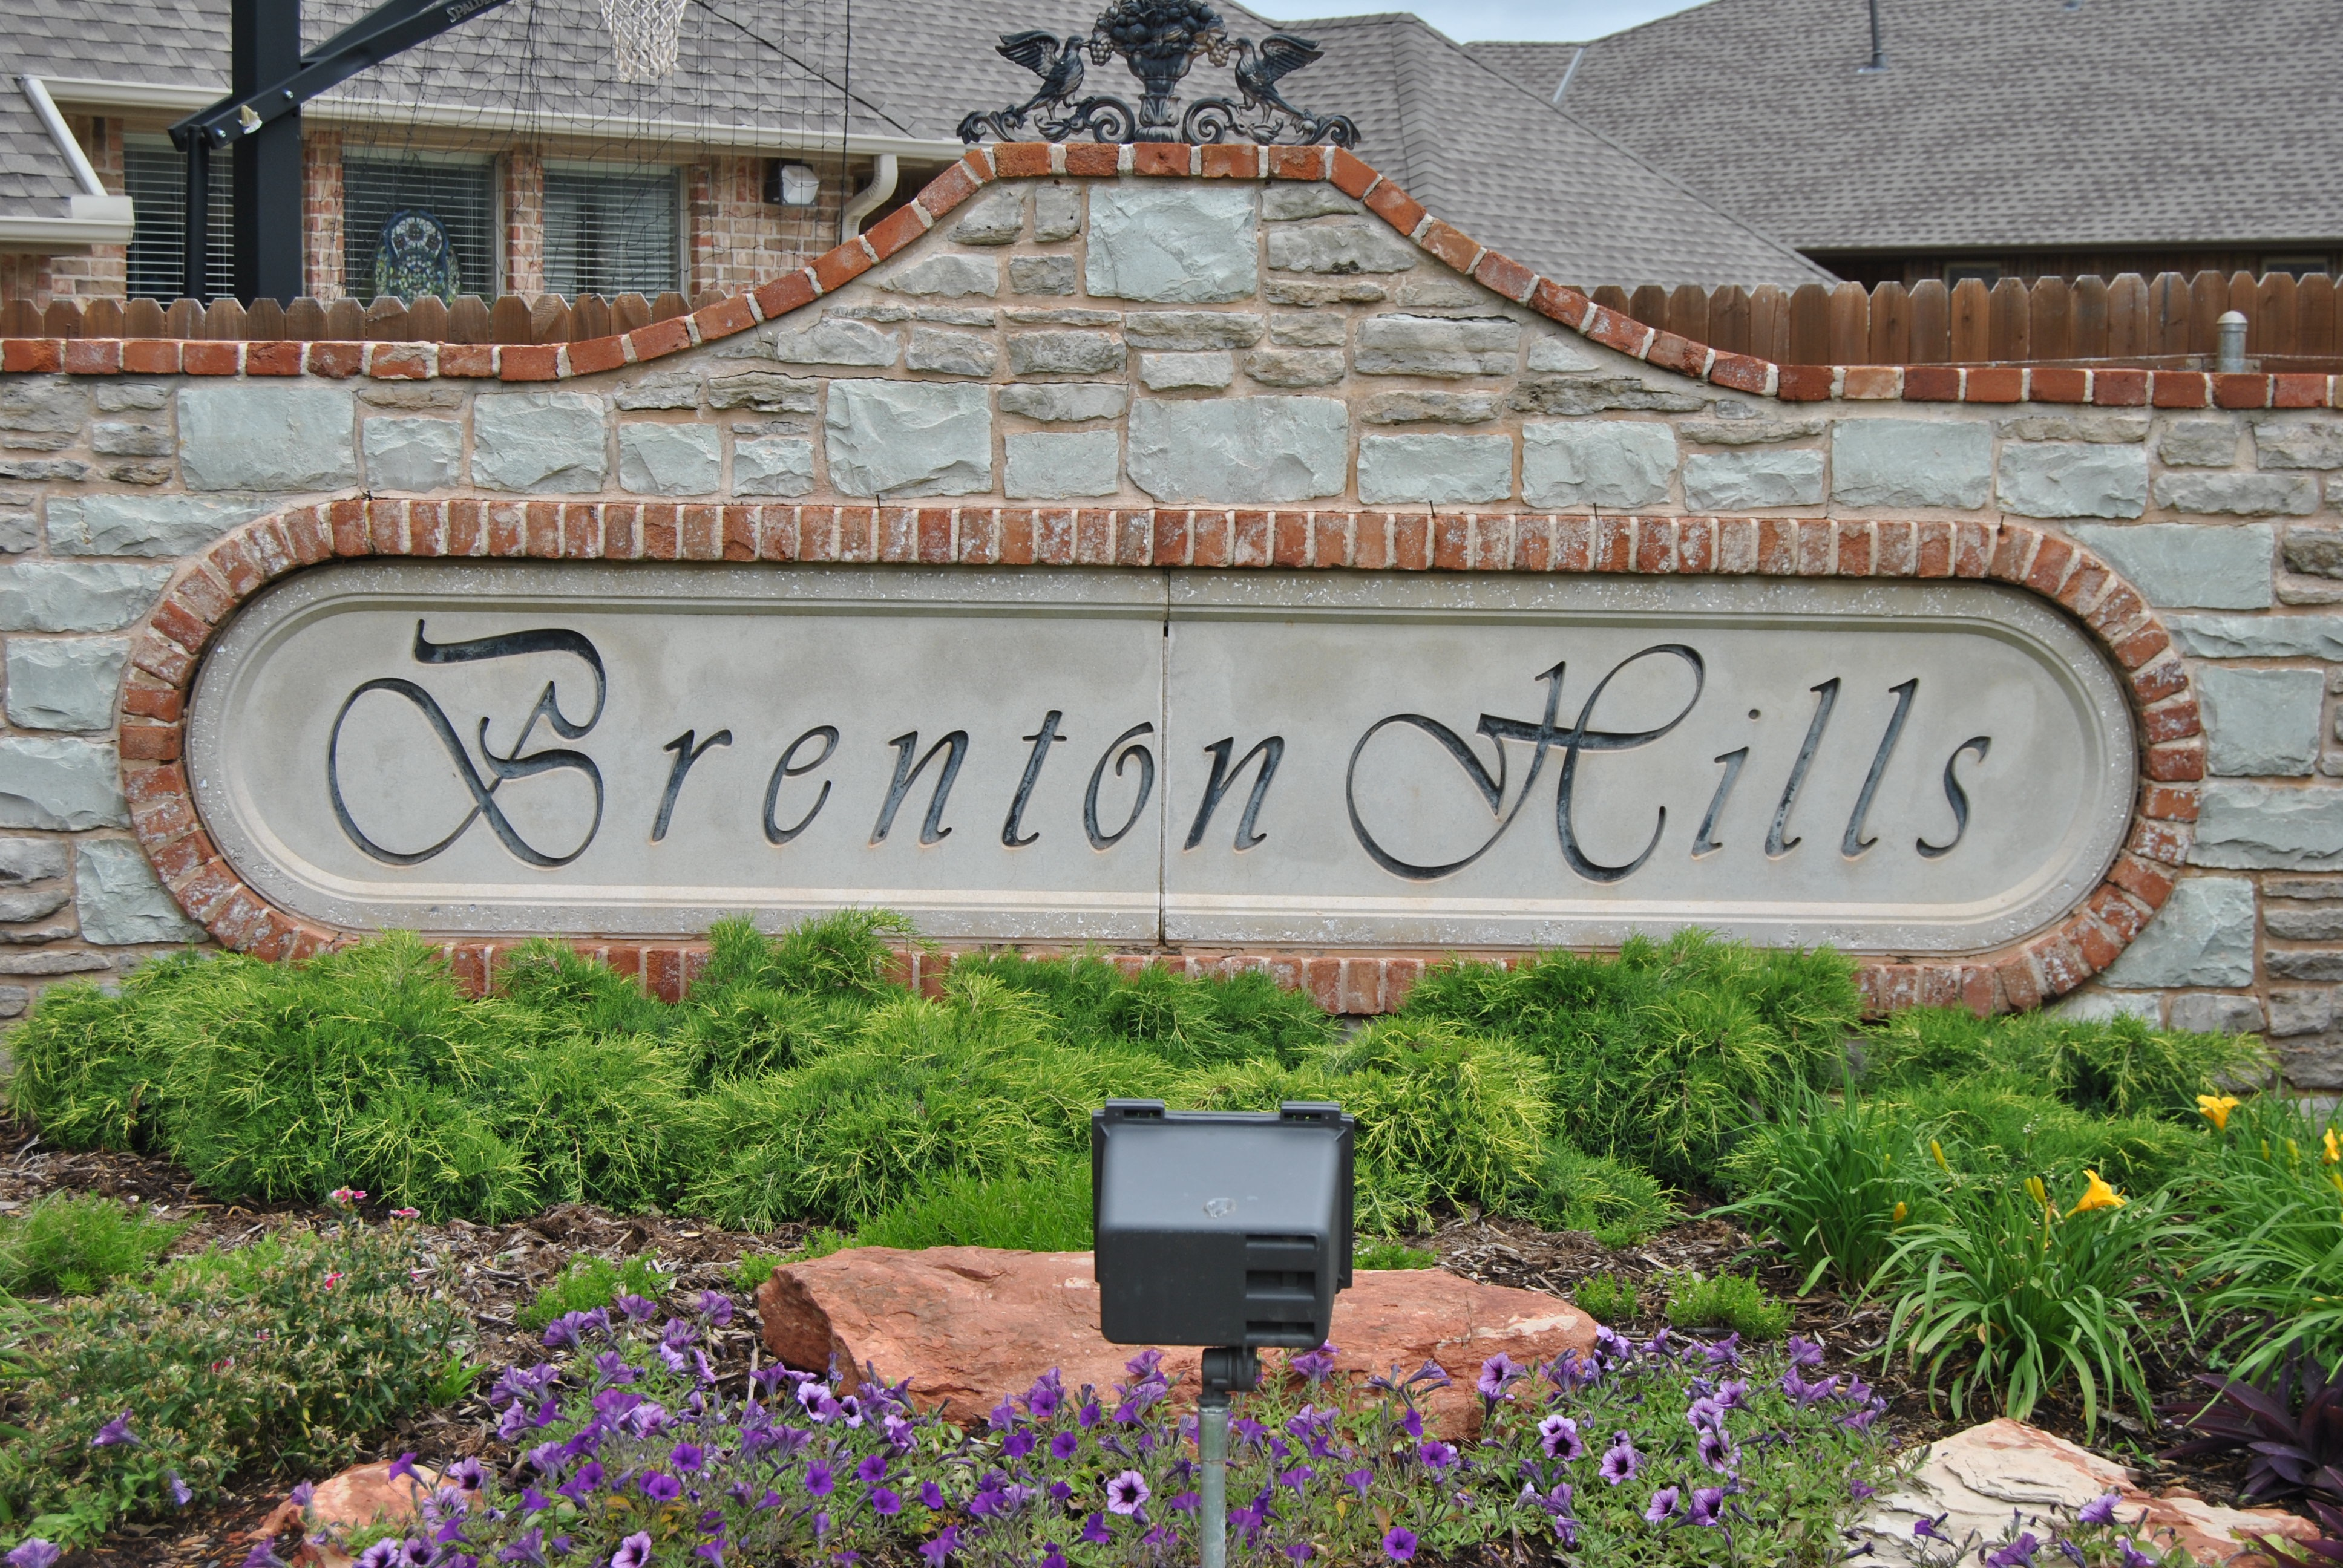 Homes In Brenton Hills, Edmond OK